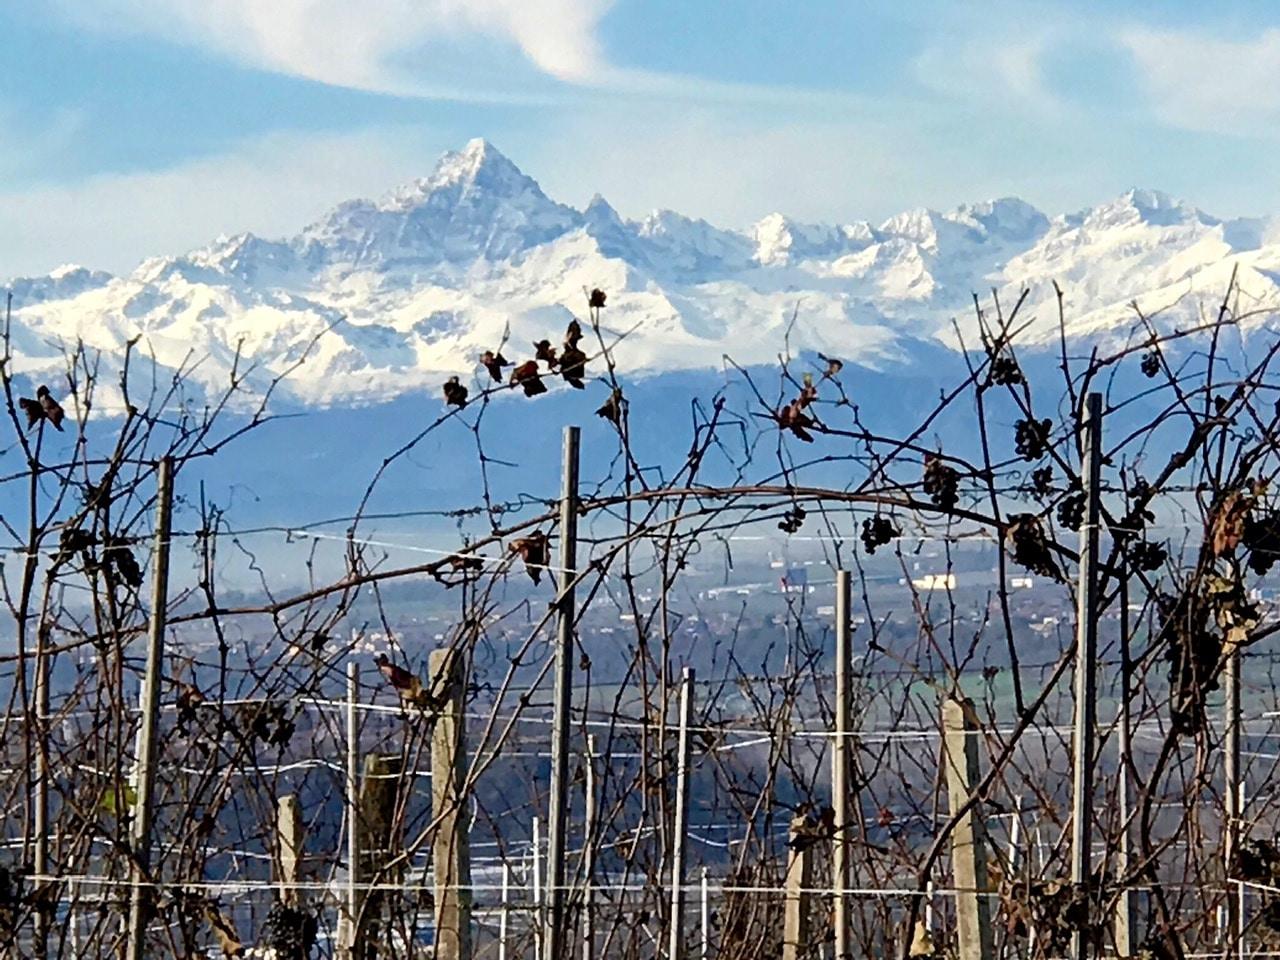 vigne de barolo en italie